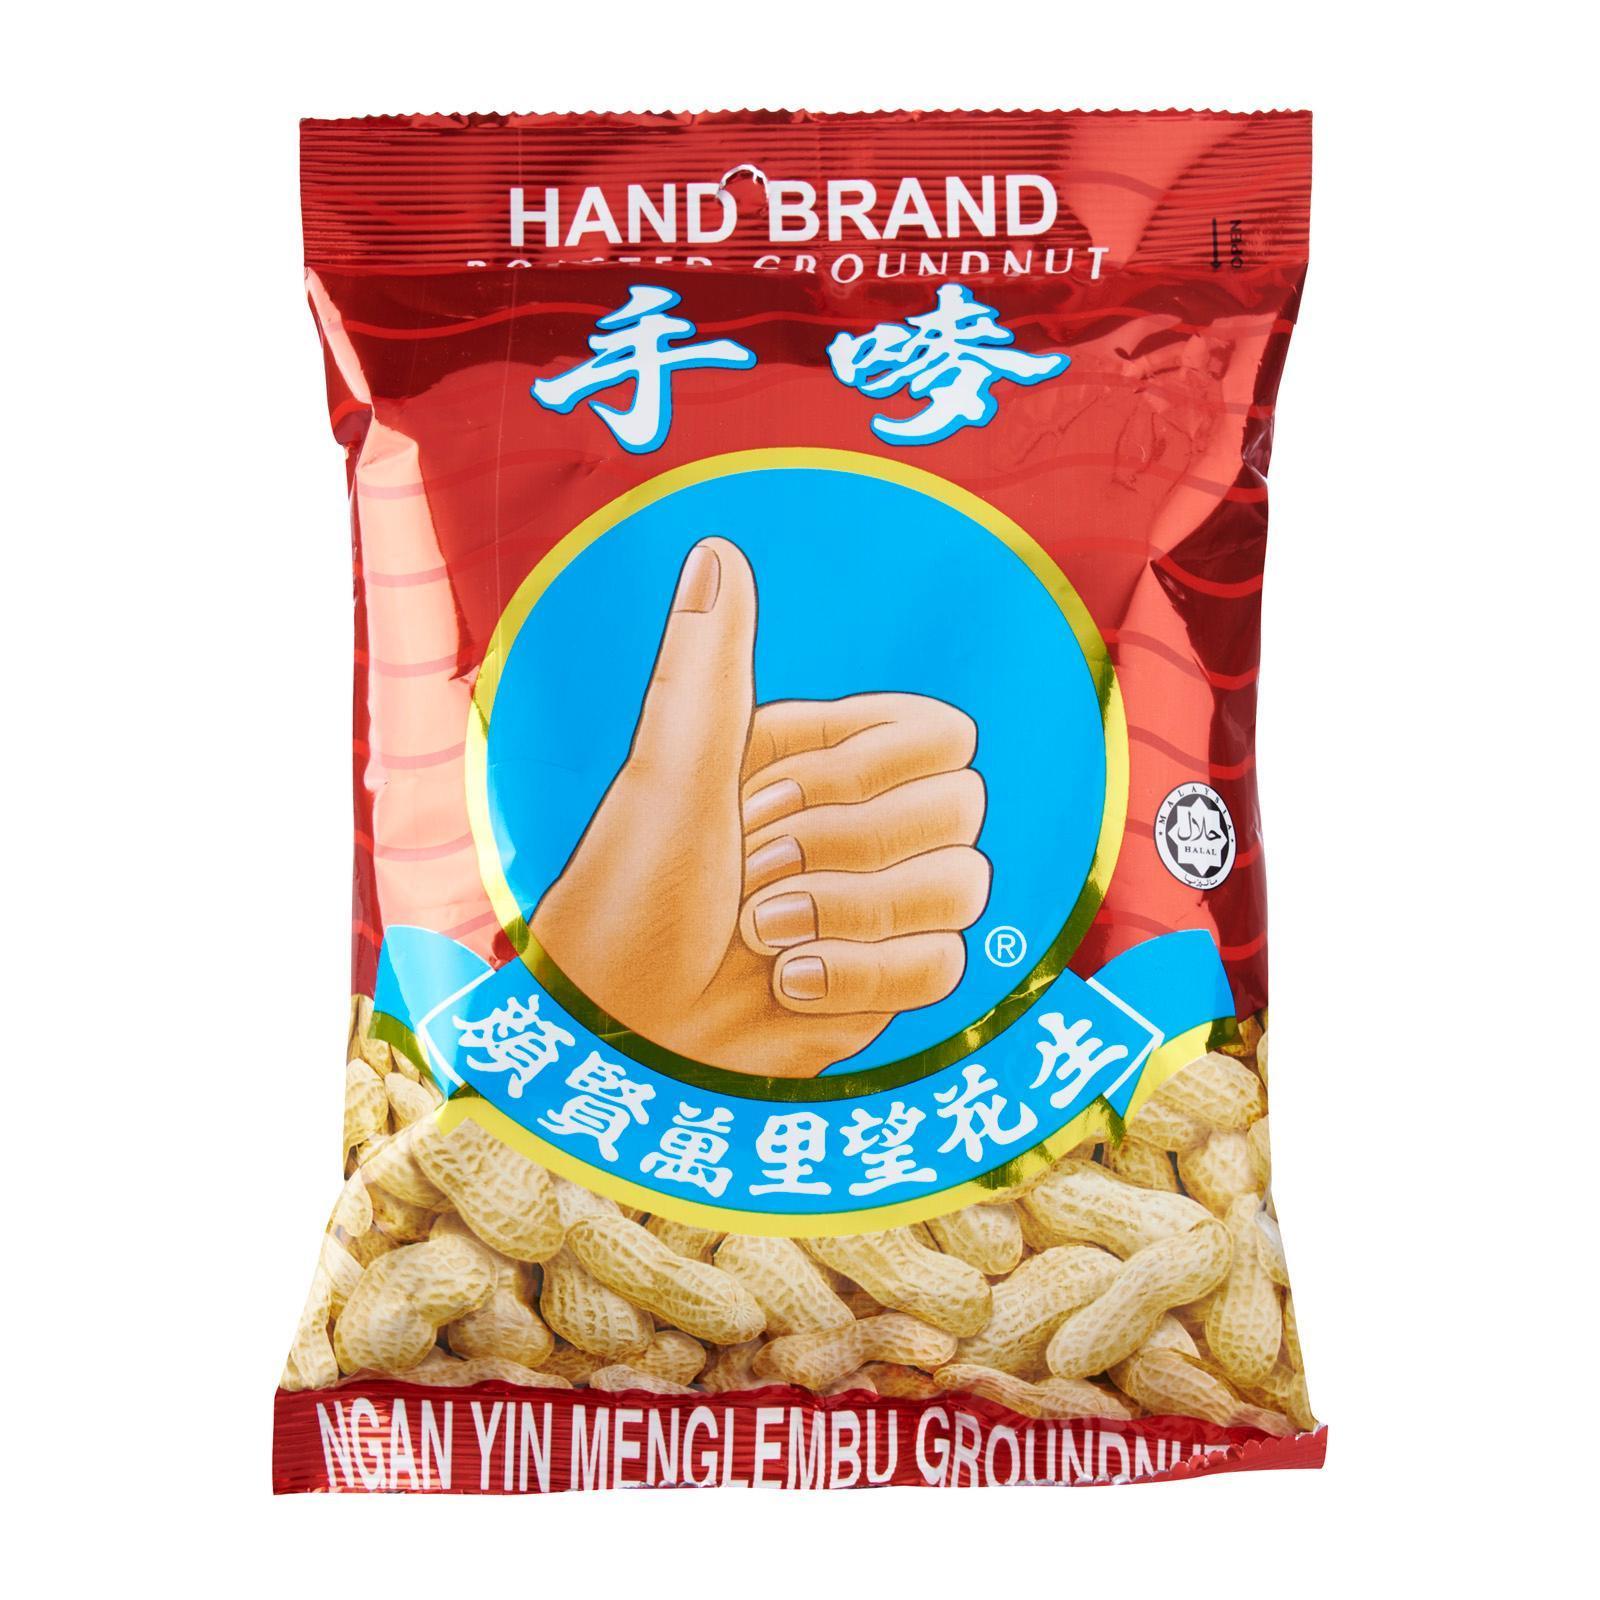 THUMBS Shandong Groundnut 120g